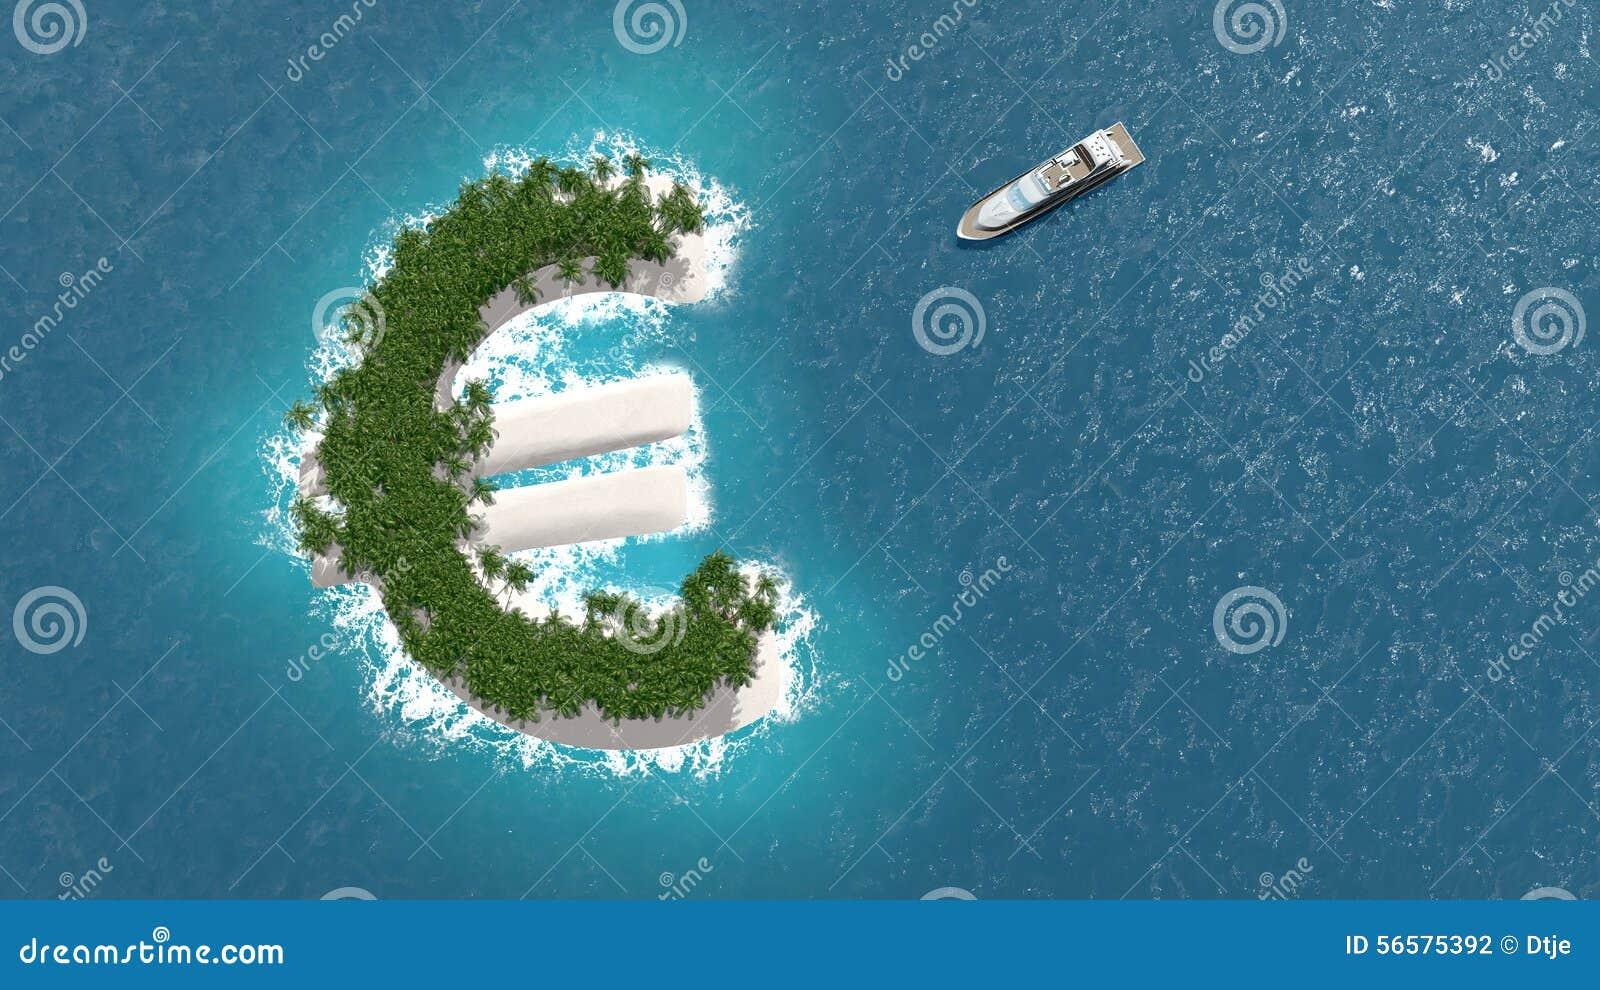 Οικονομικής ή πλούτου διαφυγή φορολογικών παραδείσων, σε ένα ευρο- νησί Μια βάρκα πολυτέλειας πλέει στο νησί